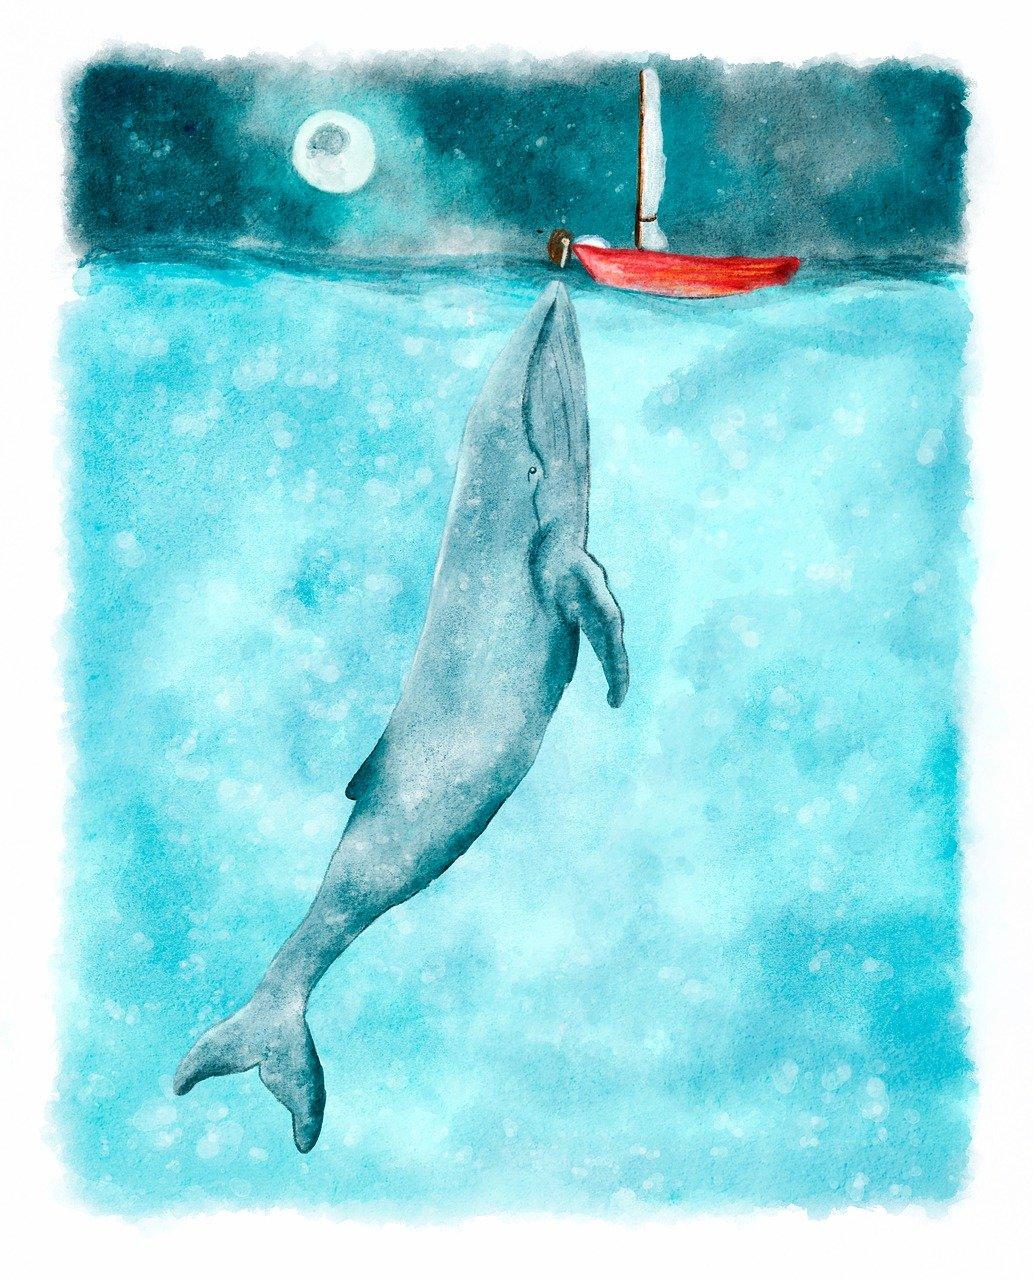 Открытка это синий кит, которые поймут только